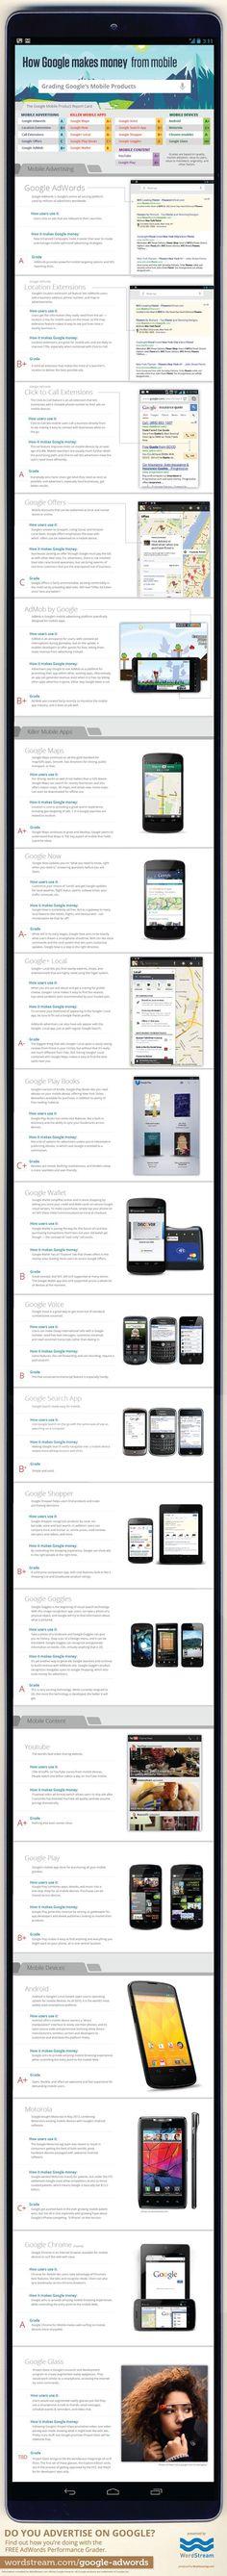 Comment Google exploite-t-il le mobile pour générer des revenus ? Une infographie réalisée par WordStream tente de répondre à cette question. Au total, elle a répertorié les 21 moyens utilisés par Google pour gagner un peu d'argent sur les téléphones mobiles. [Infographie]